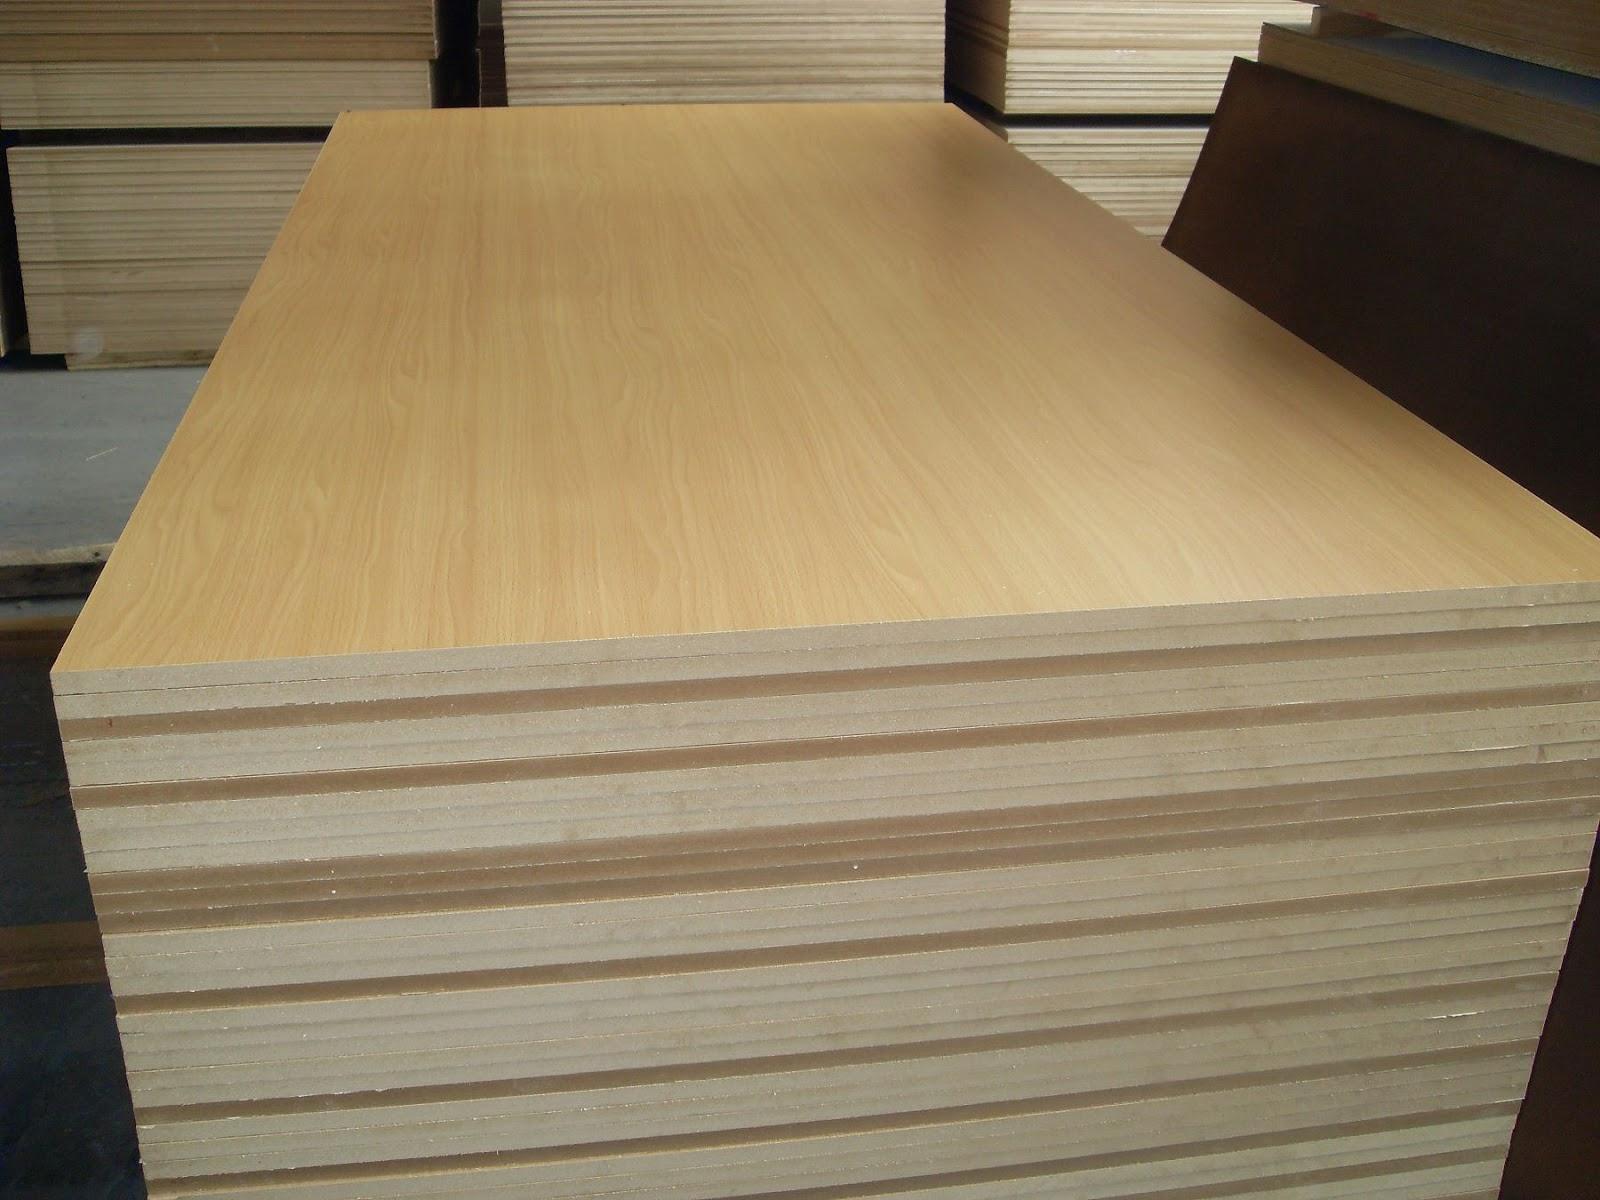 Gỗ công nghiệp phủ Veneer vân gỗ, đẹp, không khác gì gỗ tự nhiên